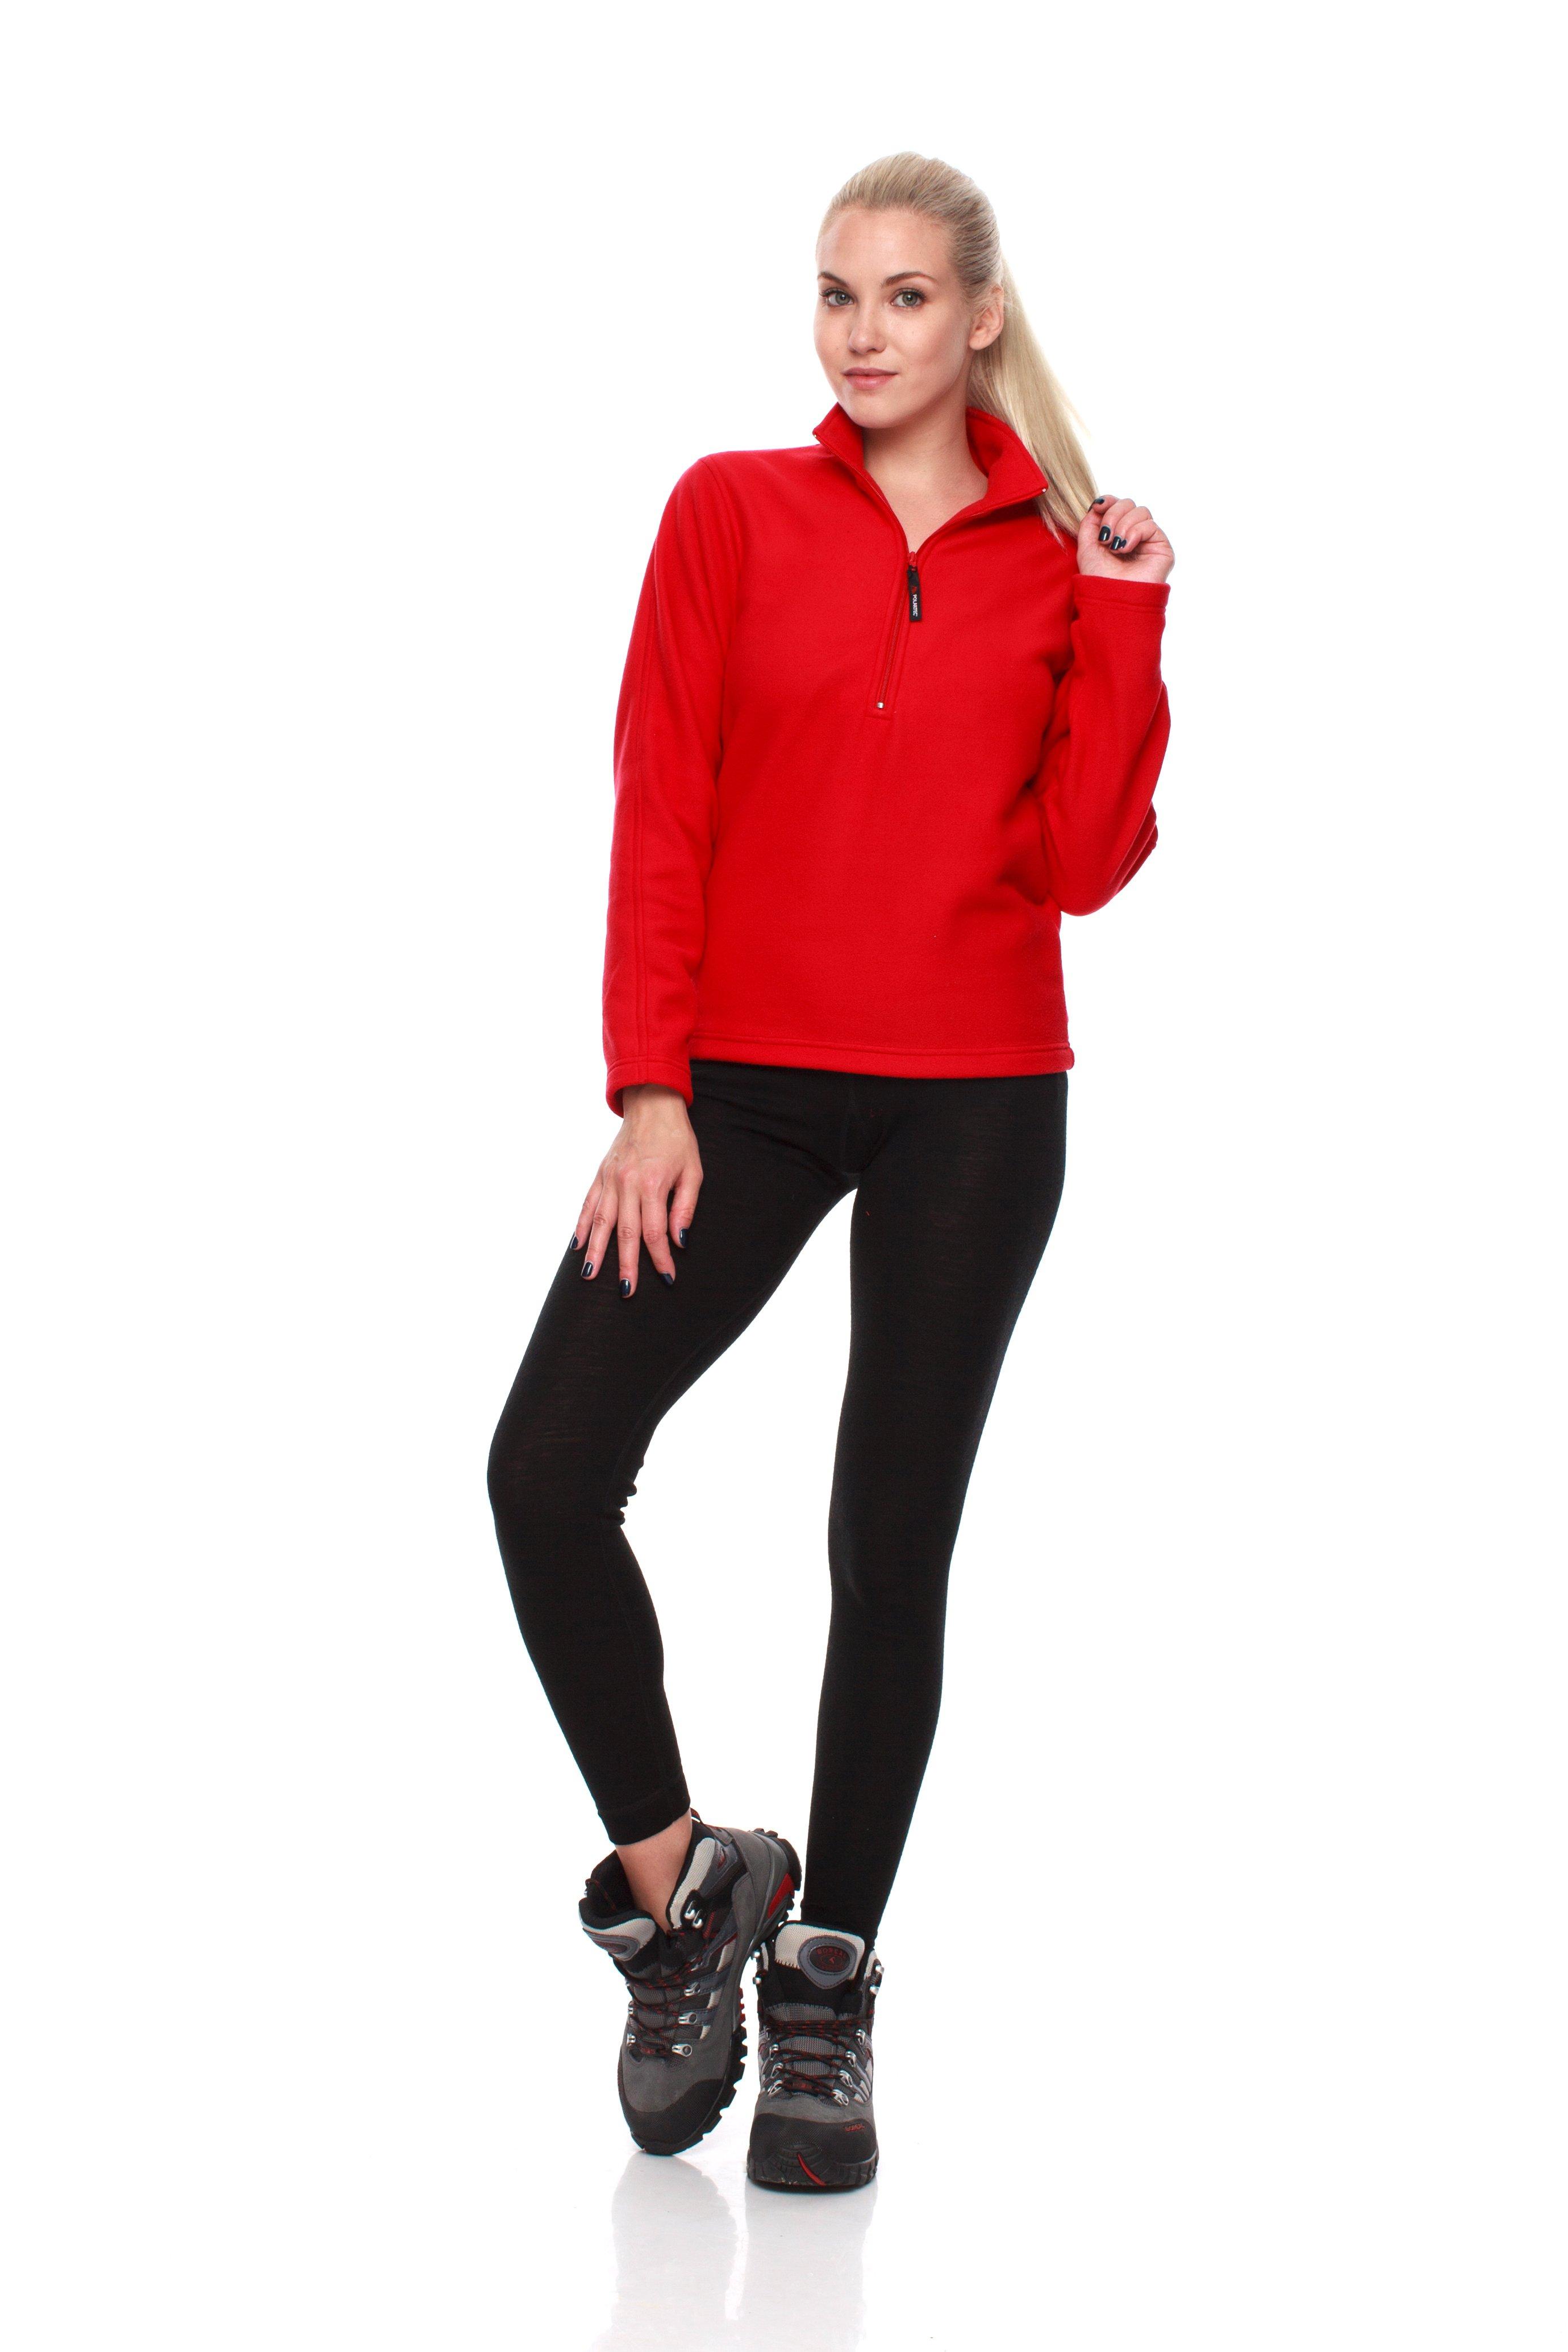 Куртка BASK SCORPIO LJ V2 1217bТёплая куртка свободного кроя из ткани Polartec® 100 для активного отдыха. Мужская и женская версии.<br><br>Вес граммы: 225<br>Ветрозащитная планка: Нет<br>Материал: Polartec® 100<br>Материал усиления: нет<br>Пол: Жен.<br>Регулировка вентиляции: Нет<br>Регулировка низа: Да<br>Регулируемые вентиляционные отверстия: Нет<br>Тип молнии: однозамковая<br>Усиление контактных зон: Нет<br>Размер INT: S<br>Цвет: СЕРЫЙ